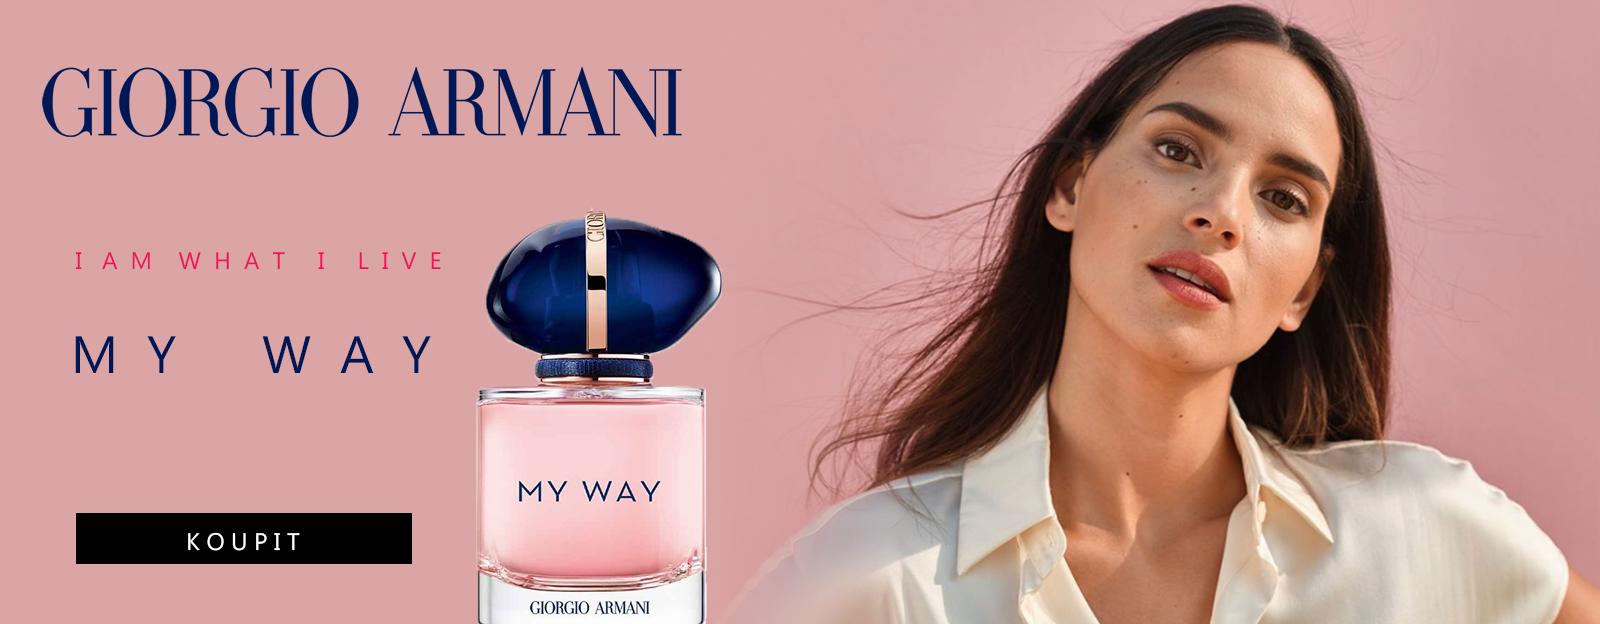 armani-my-way